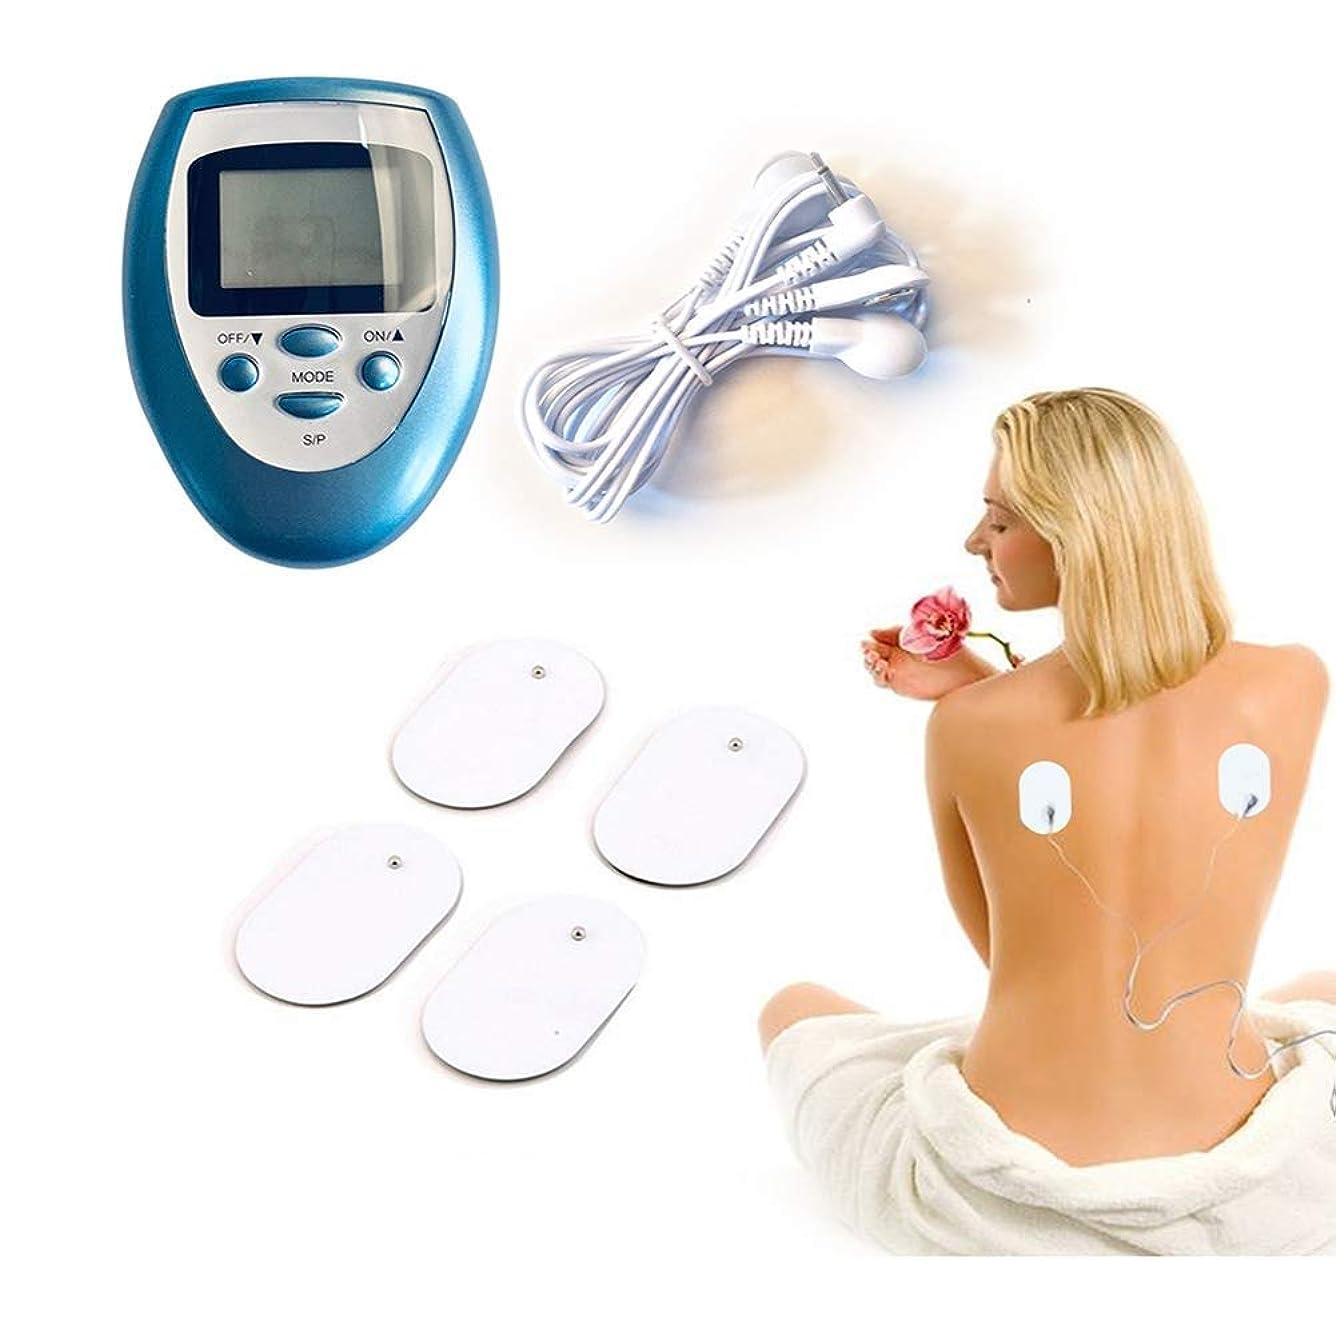 たまに愛人花瓶マッサージステッカー 疼痛緩和パルスマッサージEMS筋肉刺激のための4本の電極パッドを持つ10台のマシンユニット10台の電気刺激装置